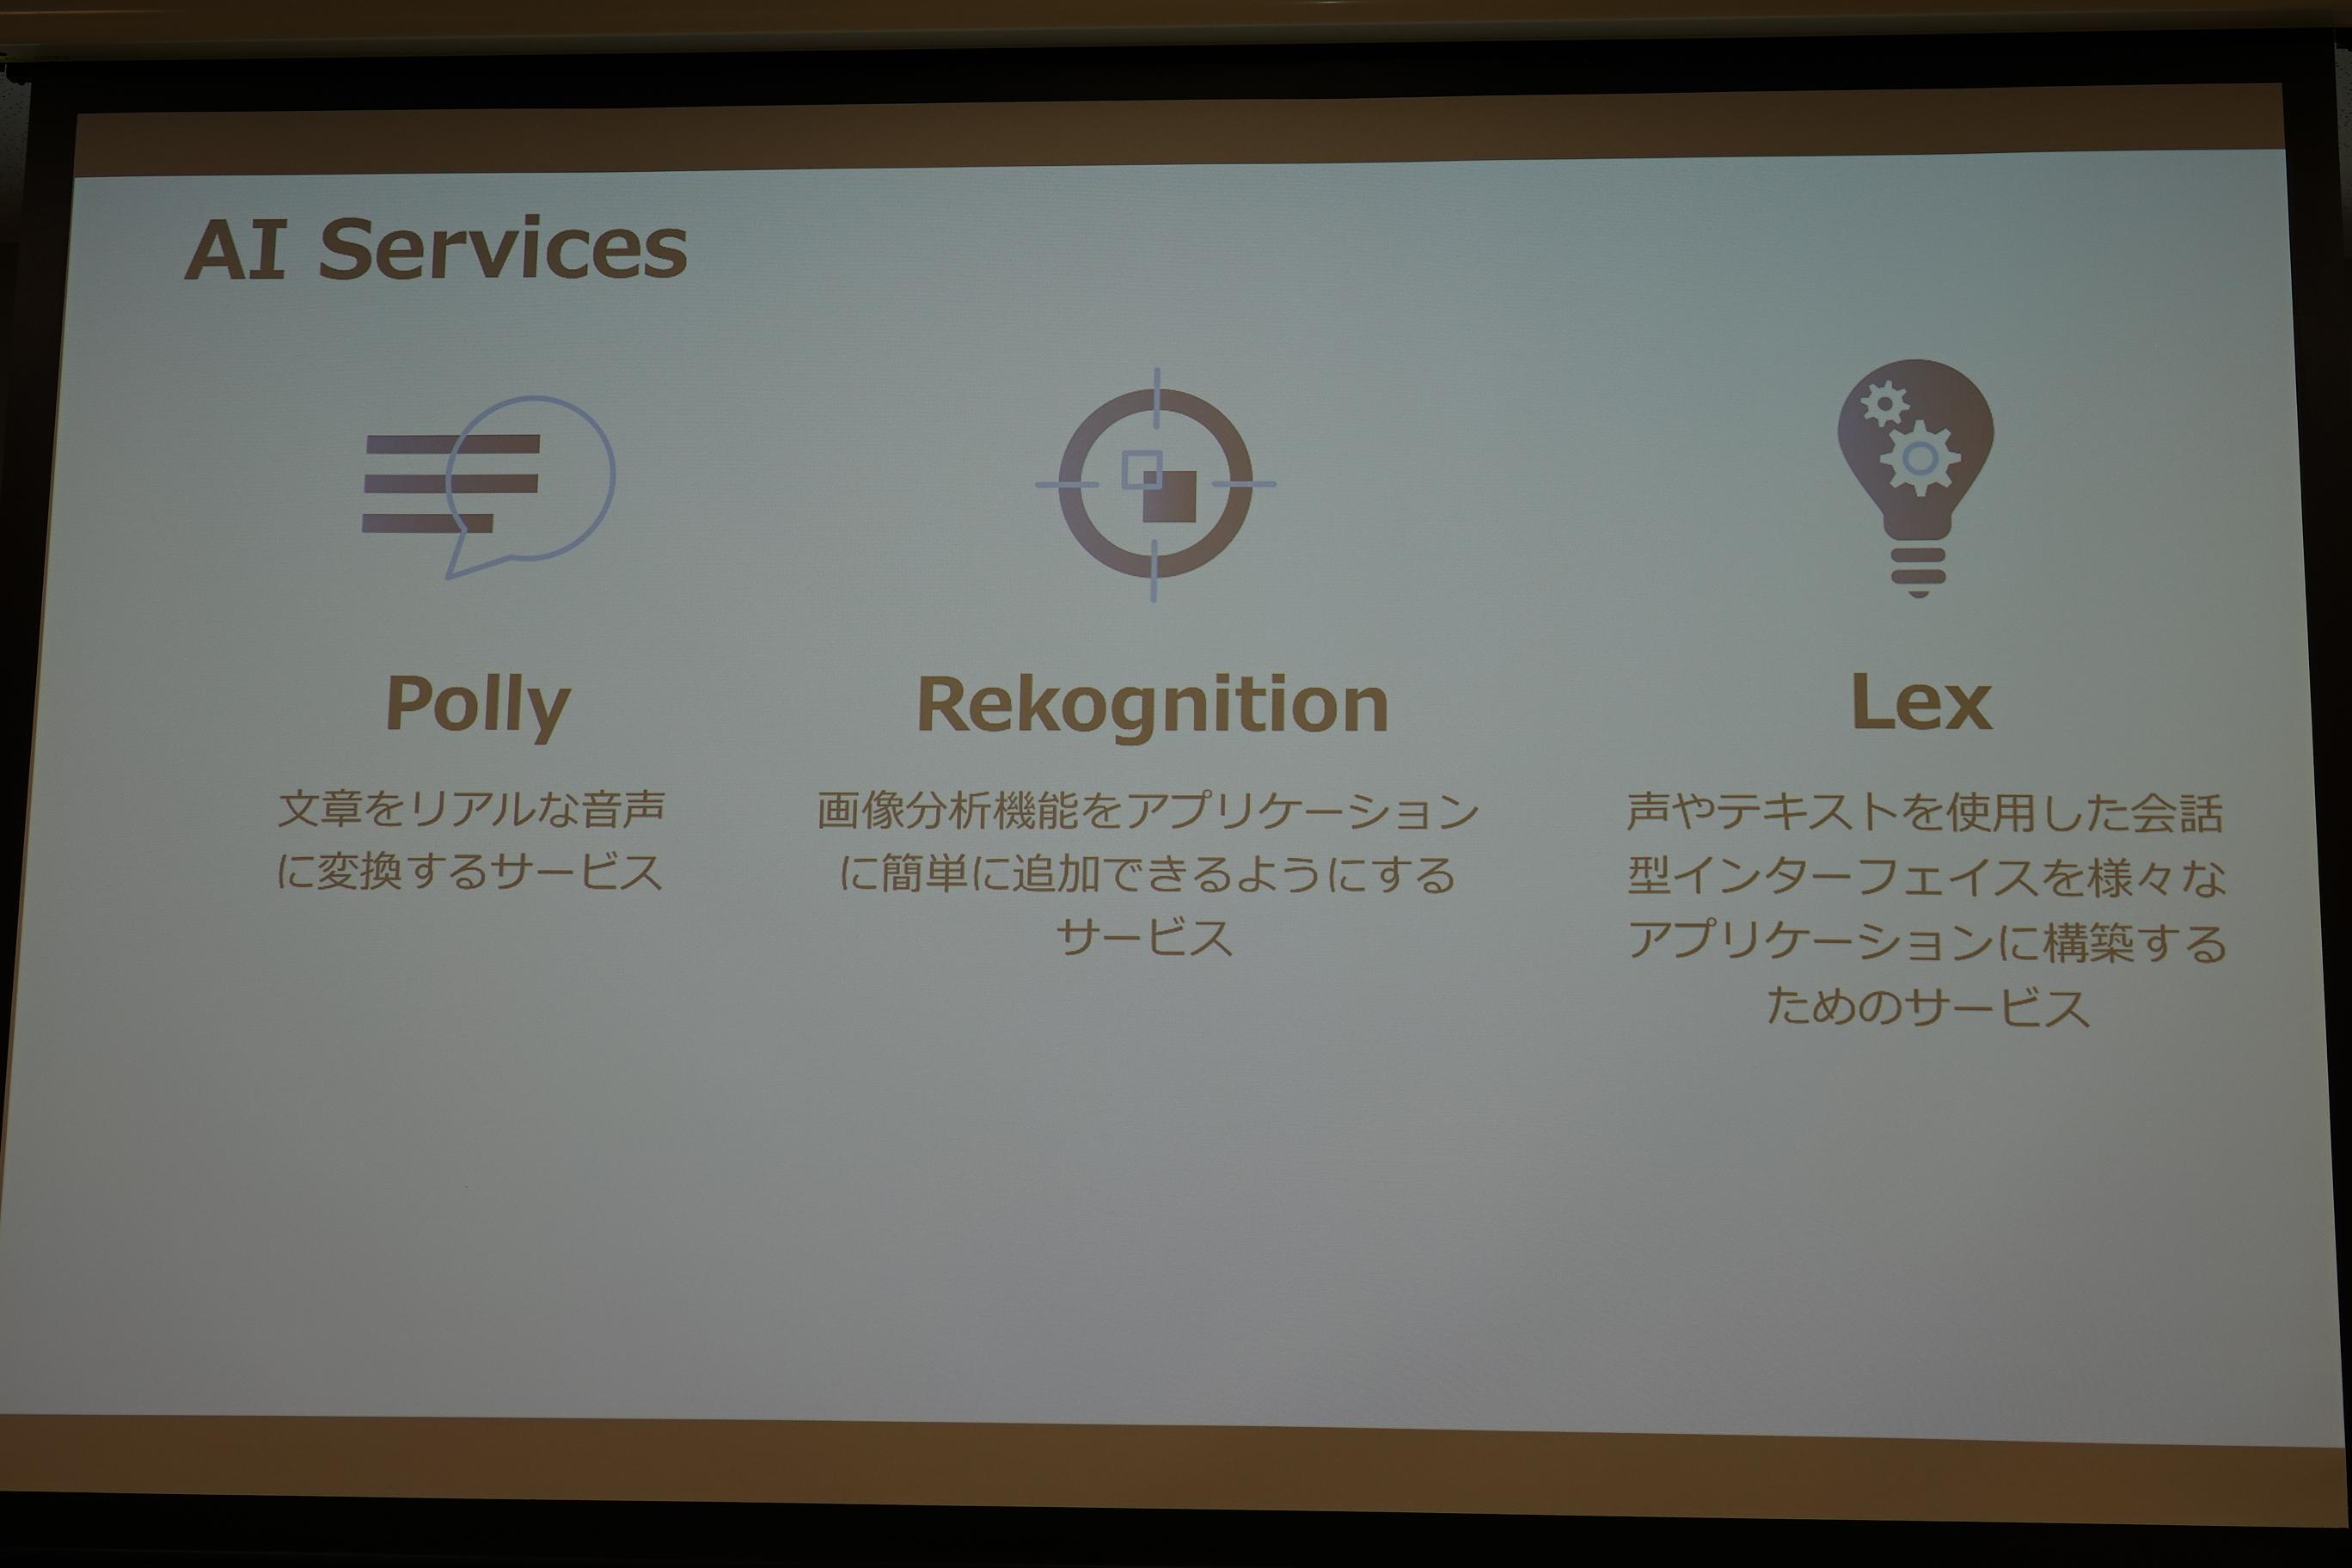 AWS AIサービス